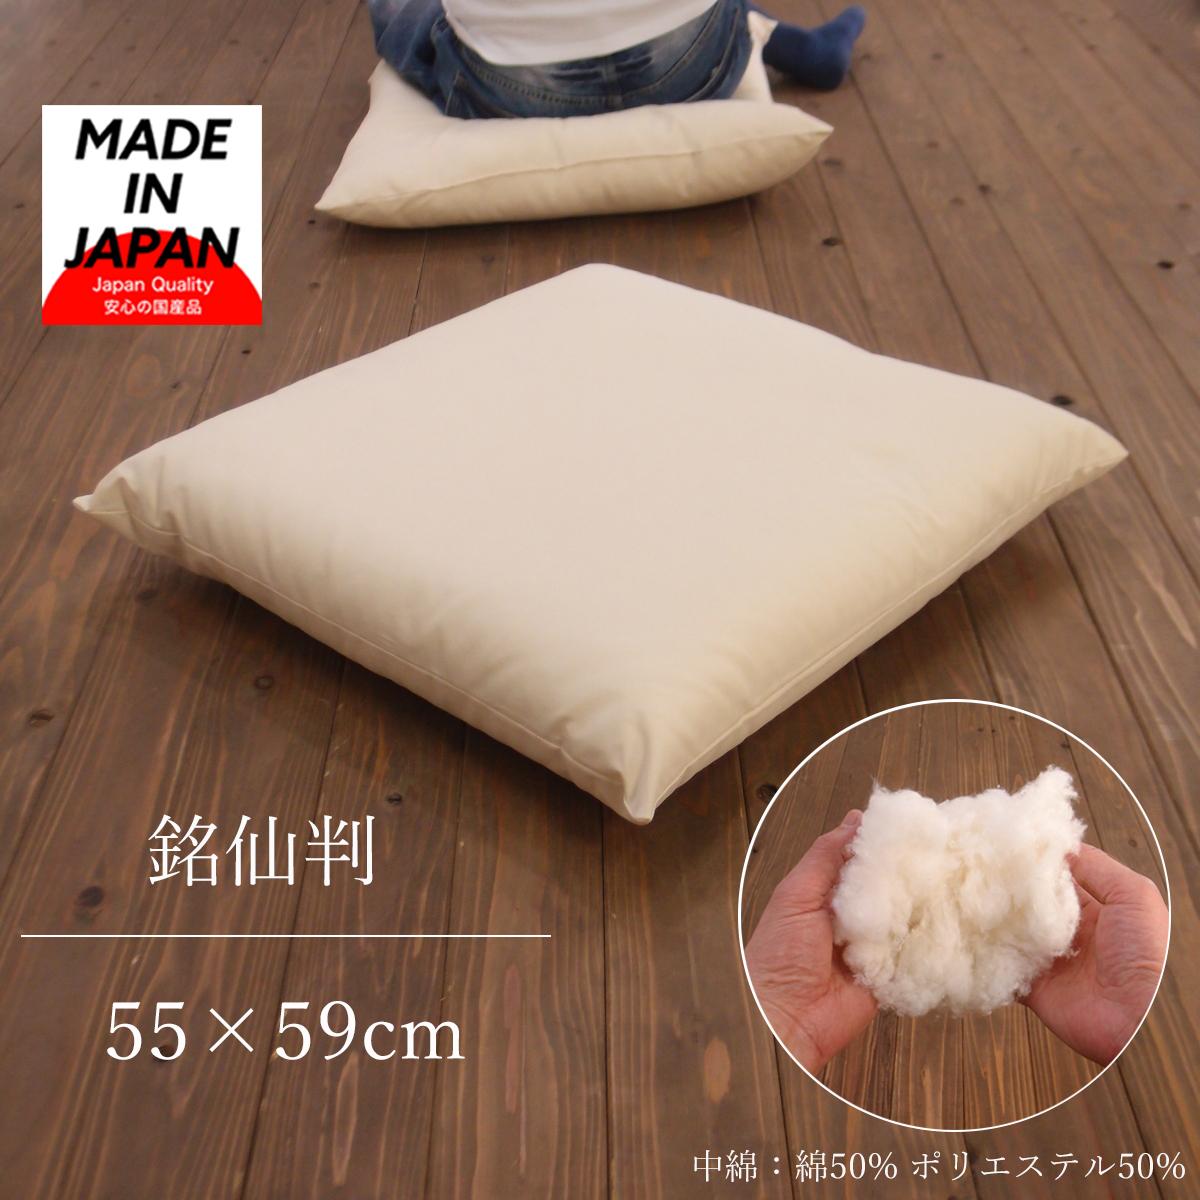 高級な 座布団 中身 付与 飲食店さんや居酒屋さんなど業務用としても最適です 日本製ヌード座布団 銘仙判 55×59cm 55 59 中材 ざぶとん